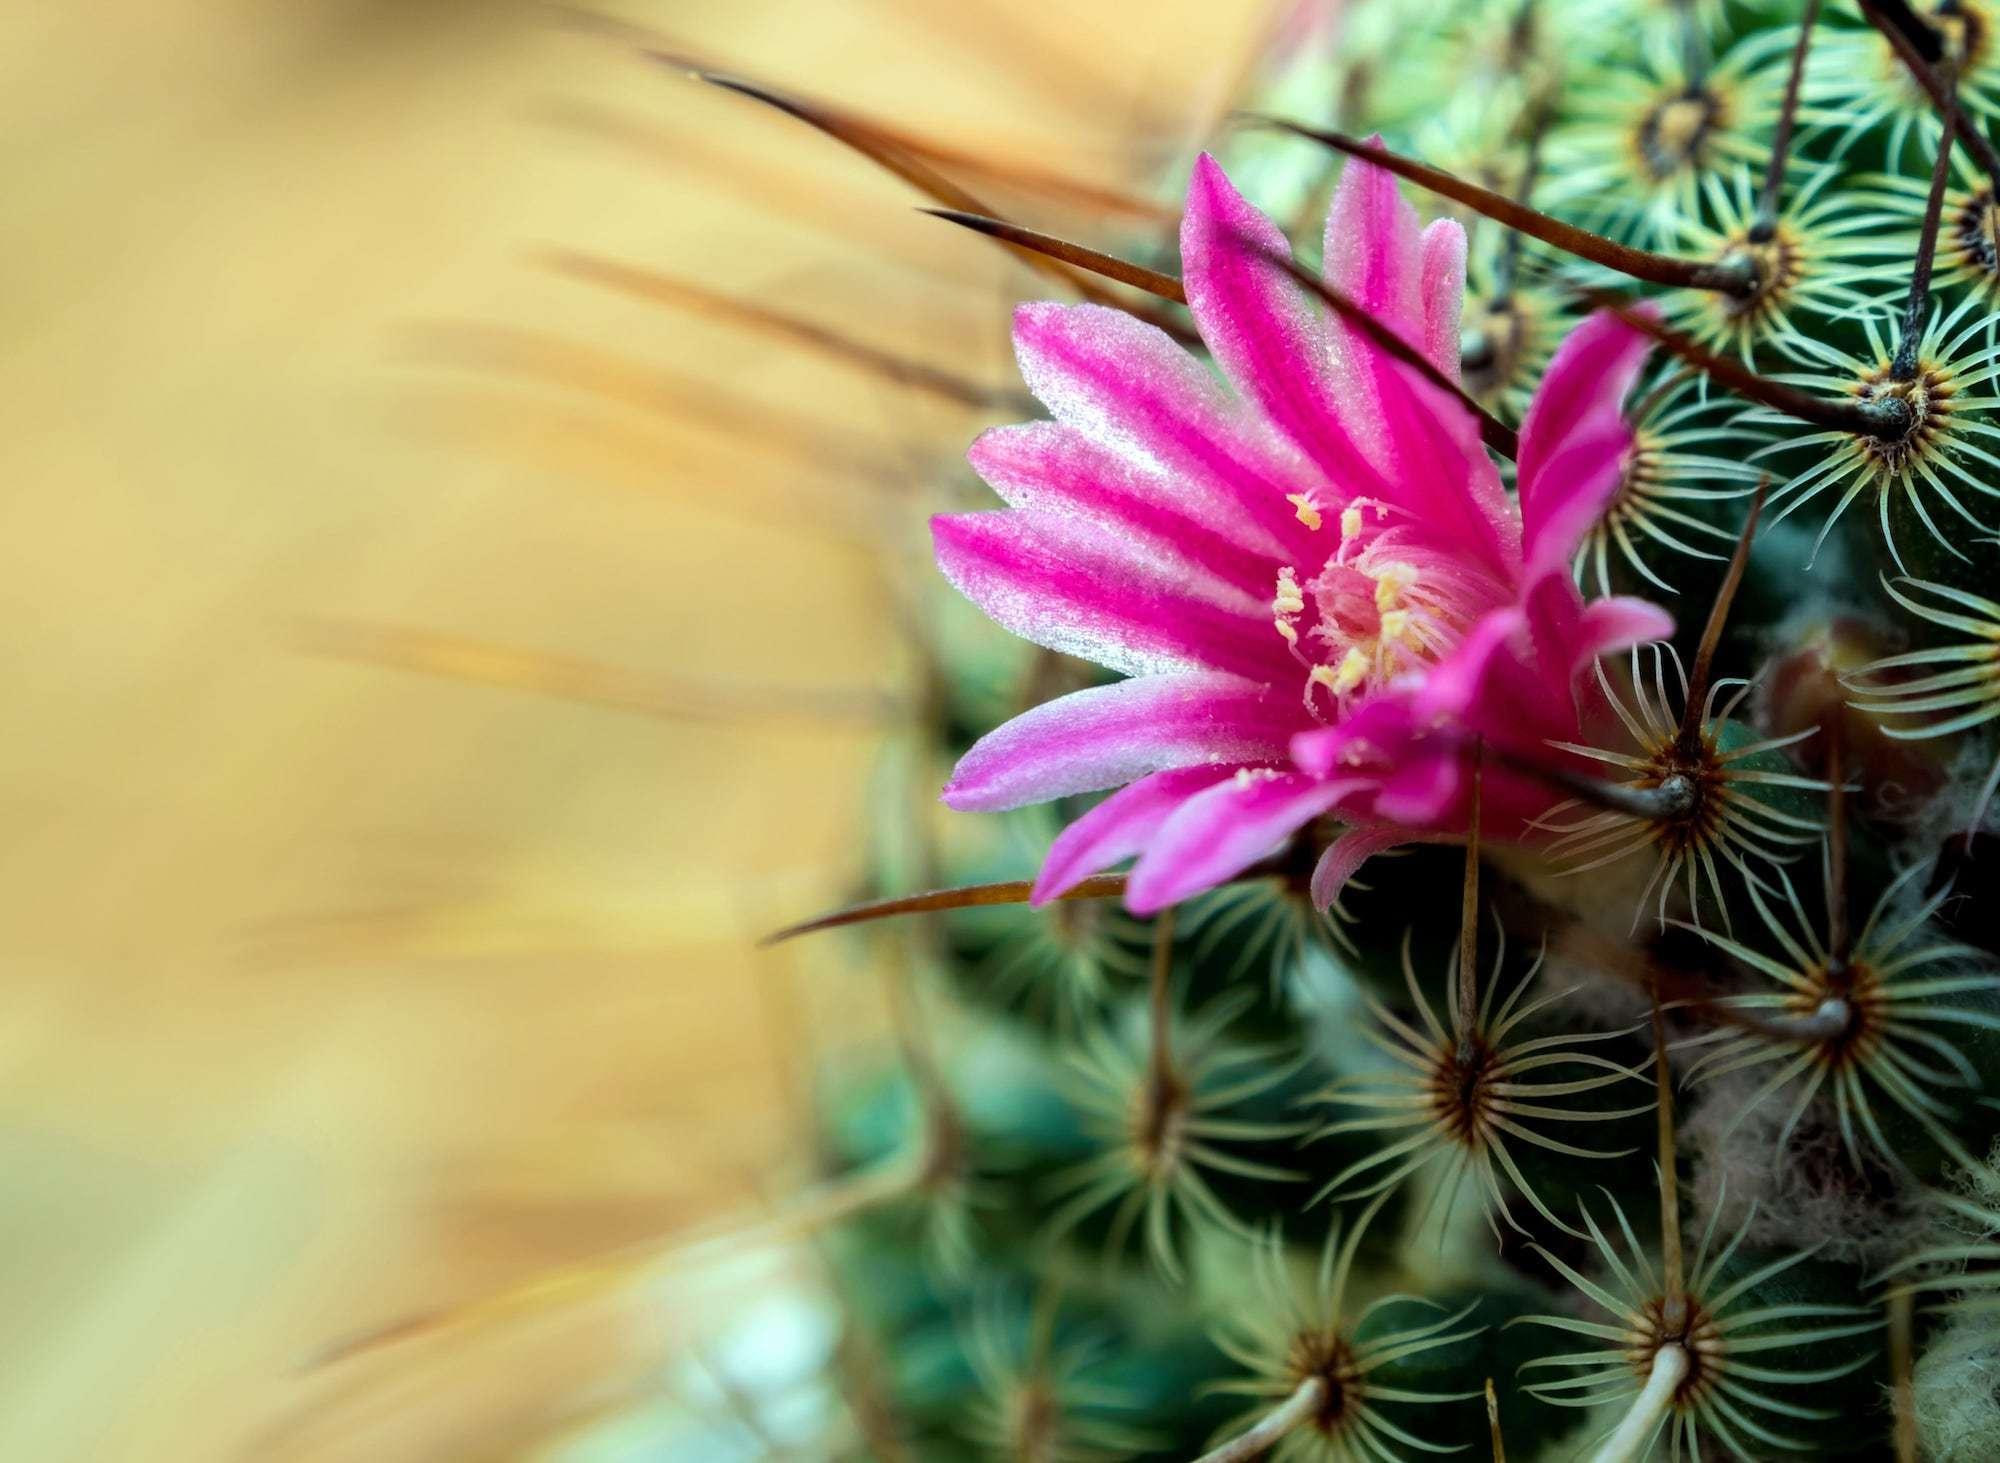 La storia del fiore con le spine: difendersi quanto basta | Dipendiamo.blog